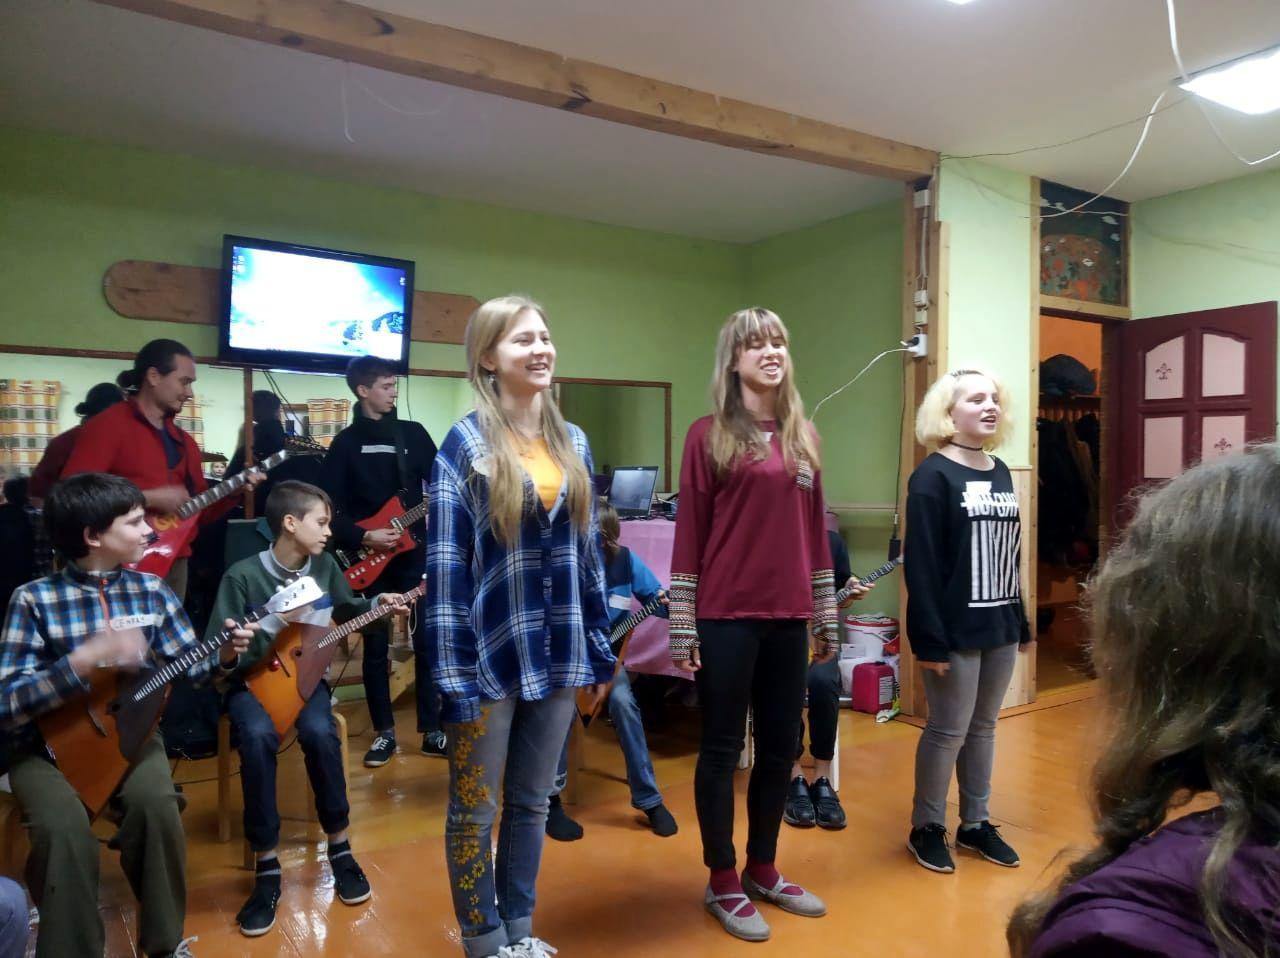 Межпоселенческий проект подростков в поселении Ковчег (10).jpg